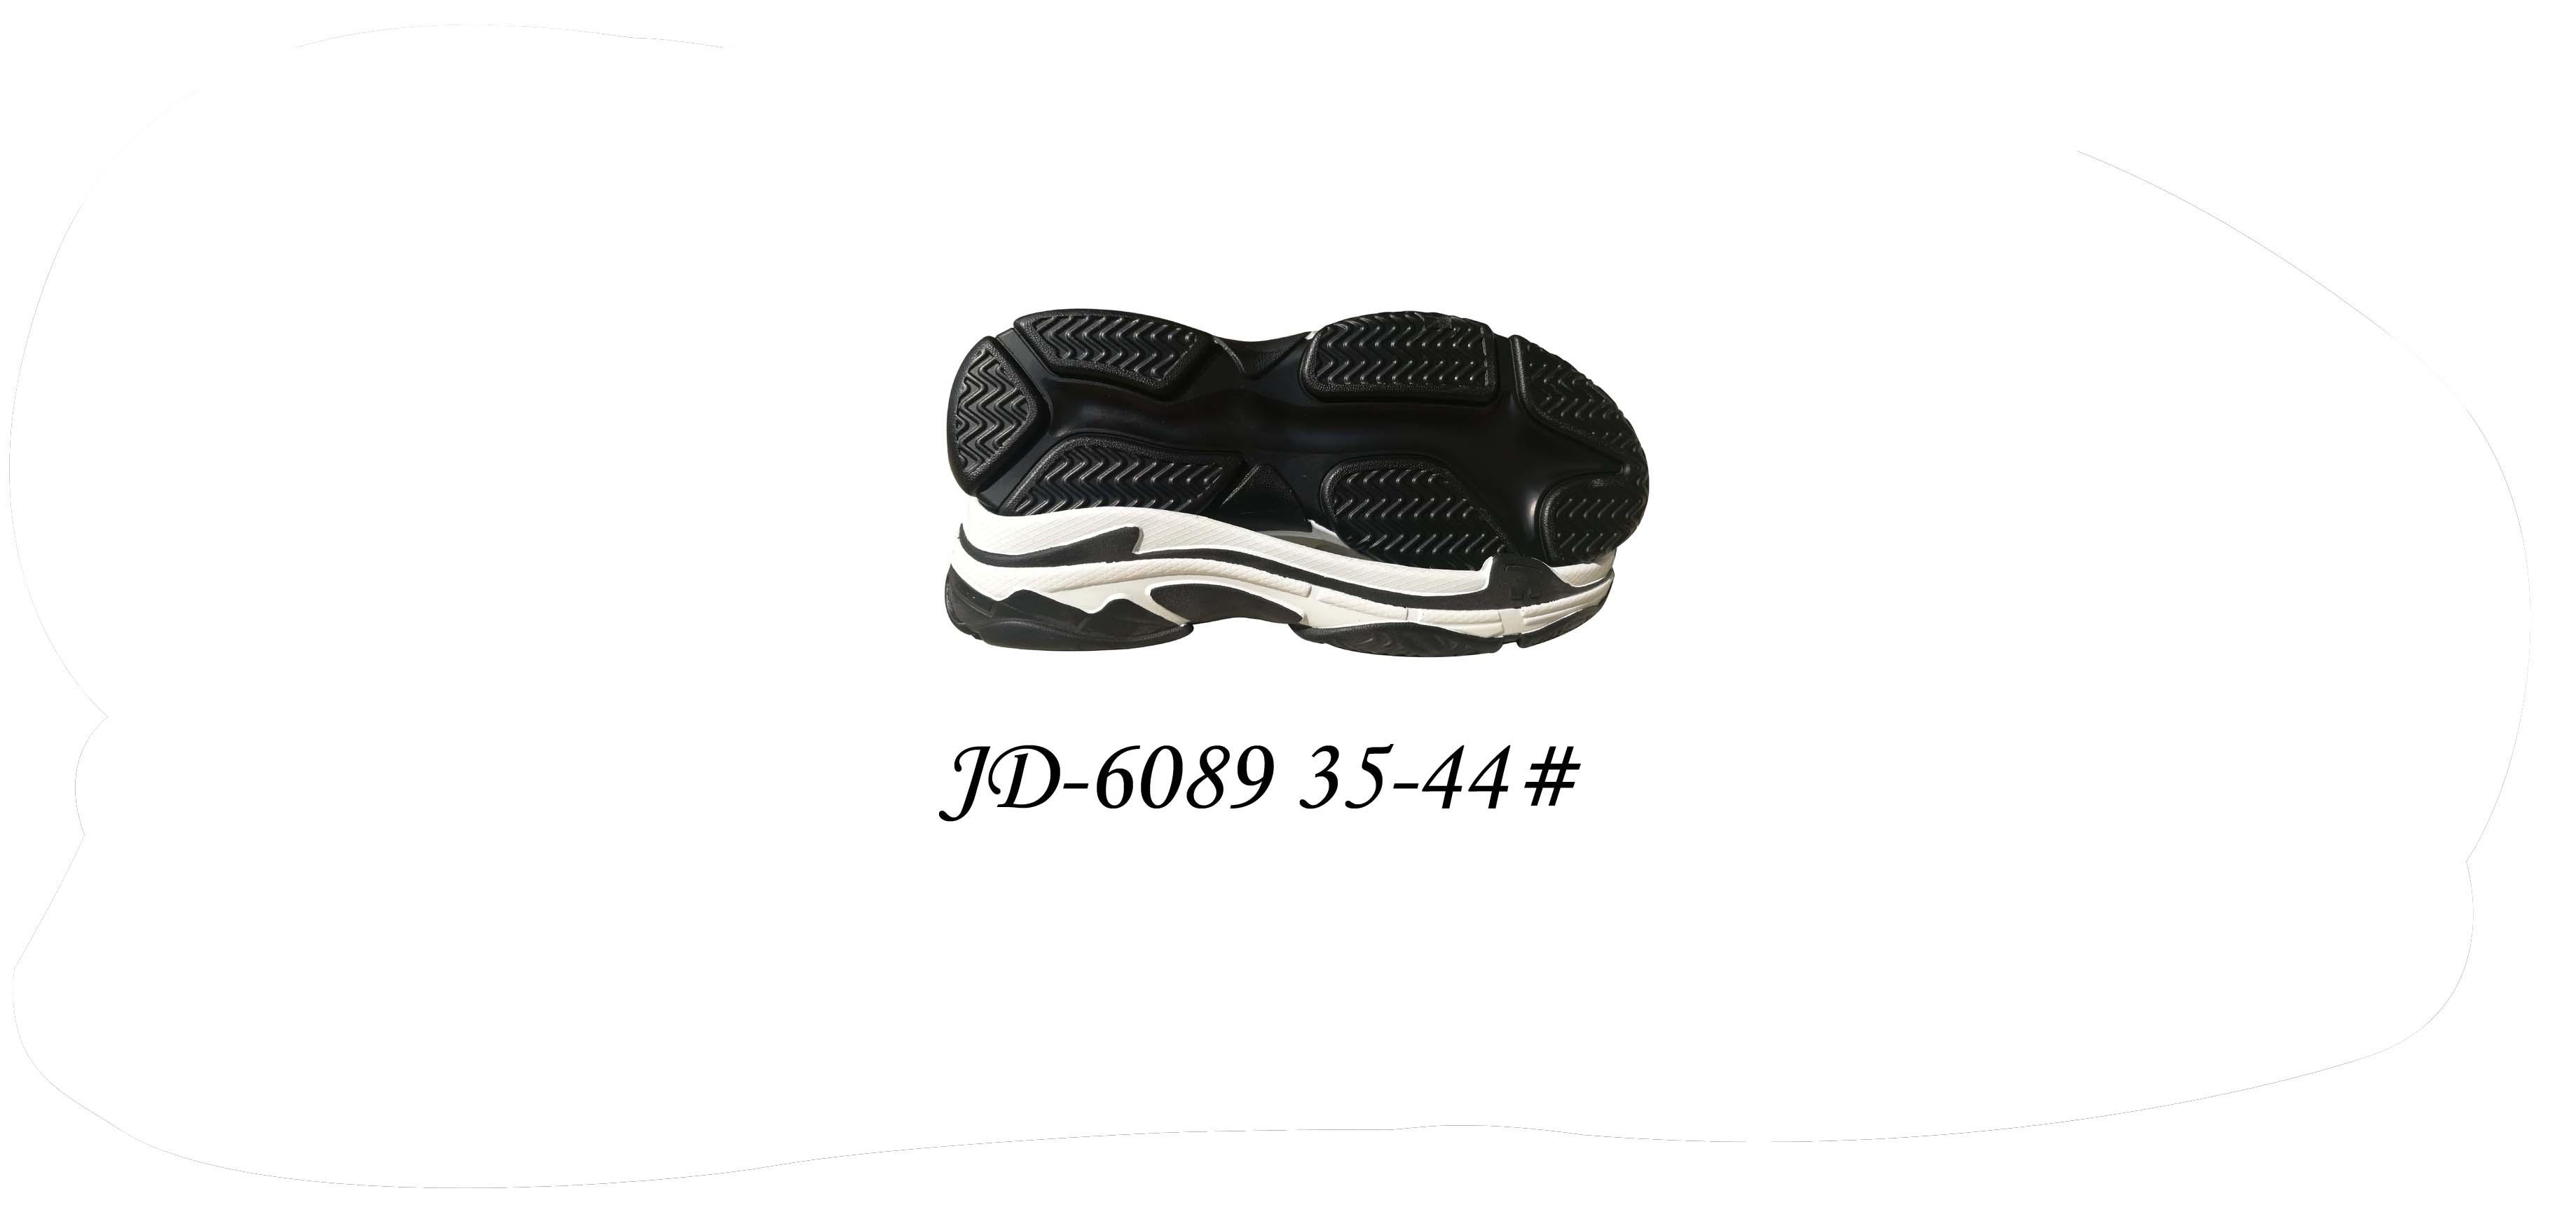 鞋底 PU 女段 男段 休闲鞋 双色 三色 多色 35-44# 一体 pu